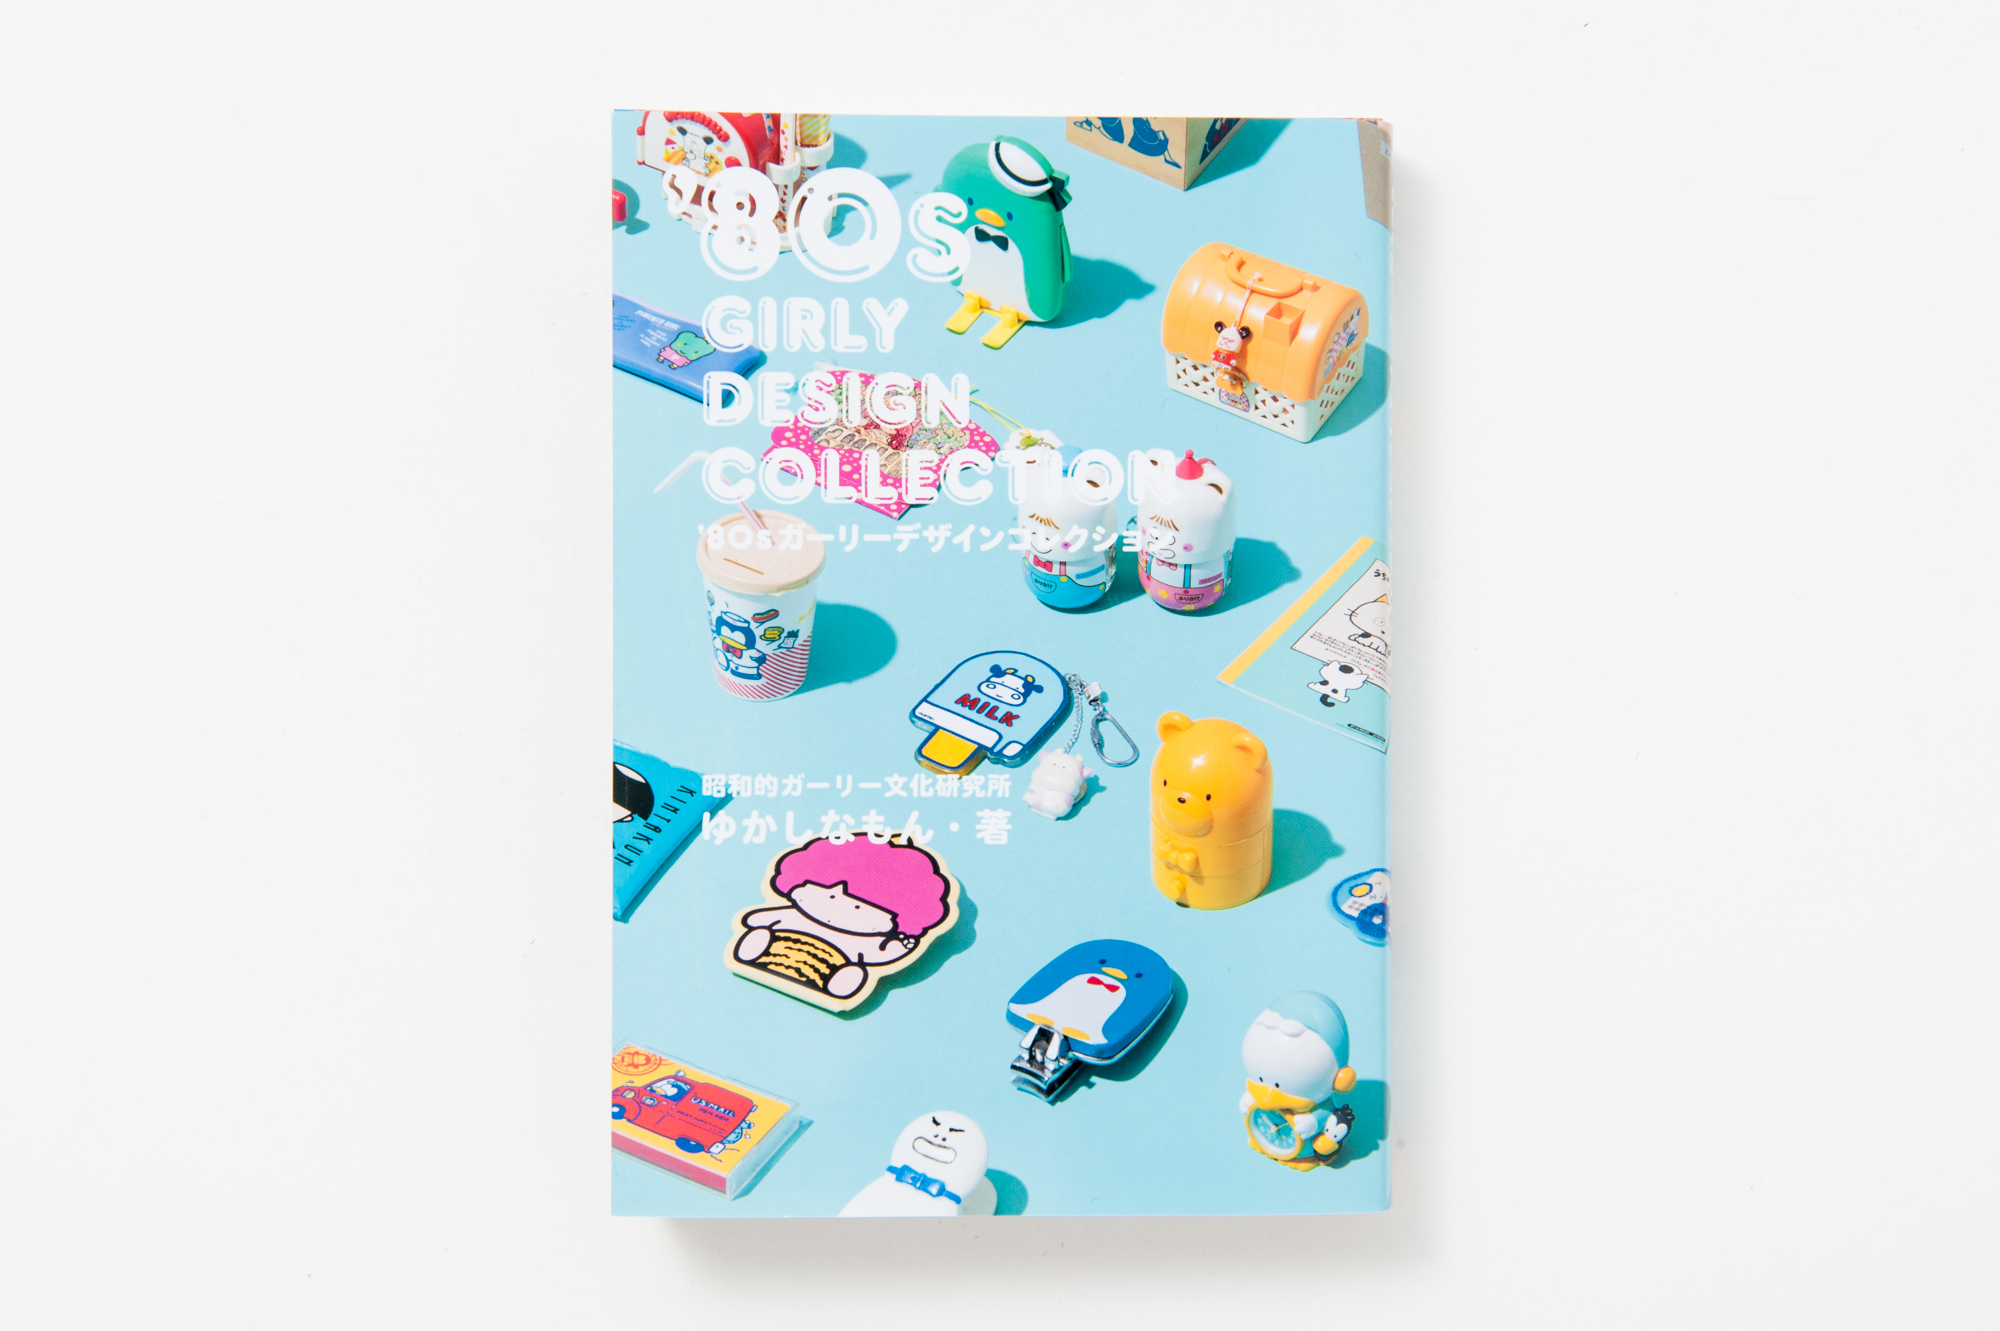 '80sガーリーデザインコレクション 2017 photo:TADA